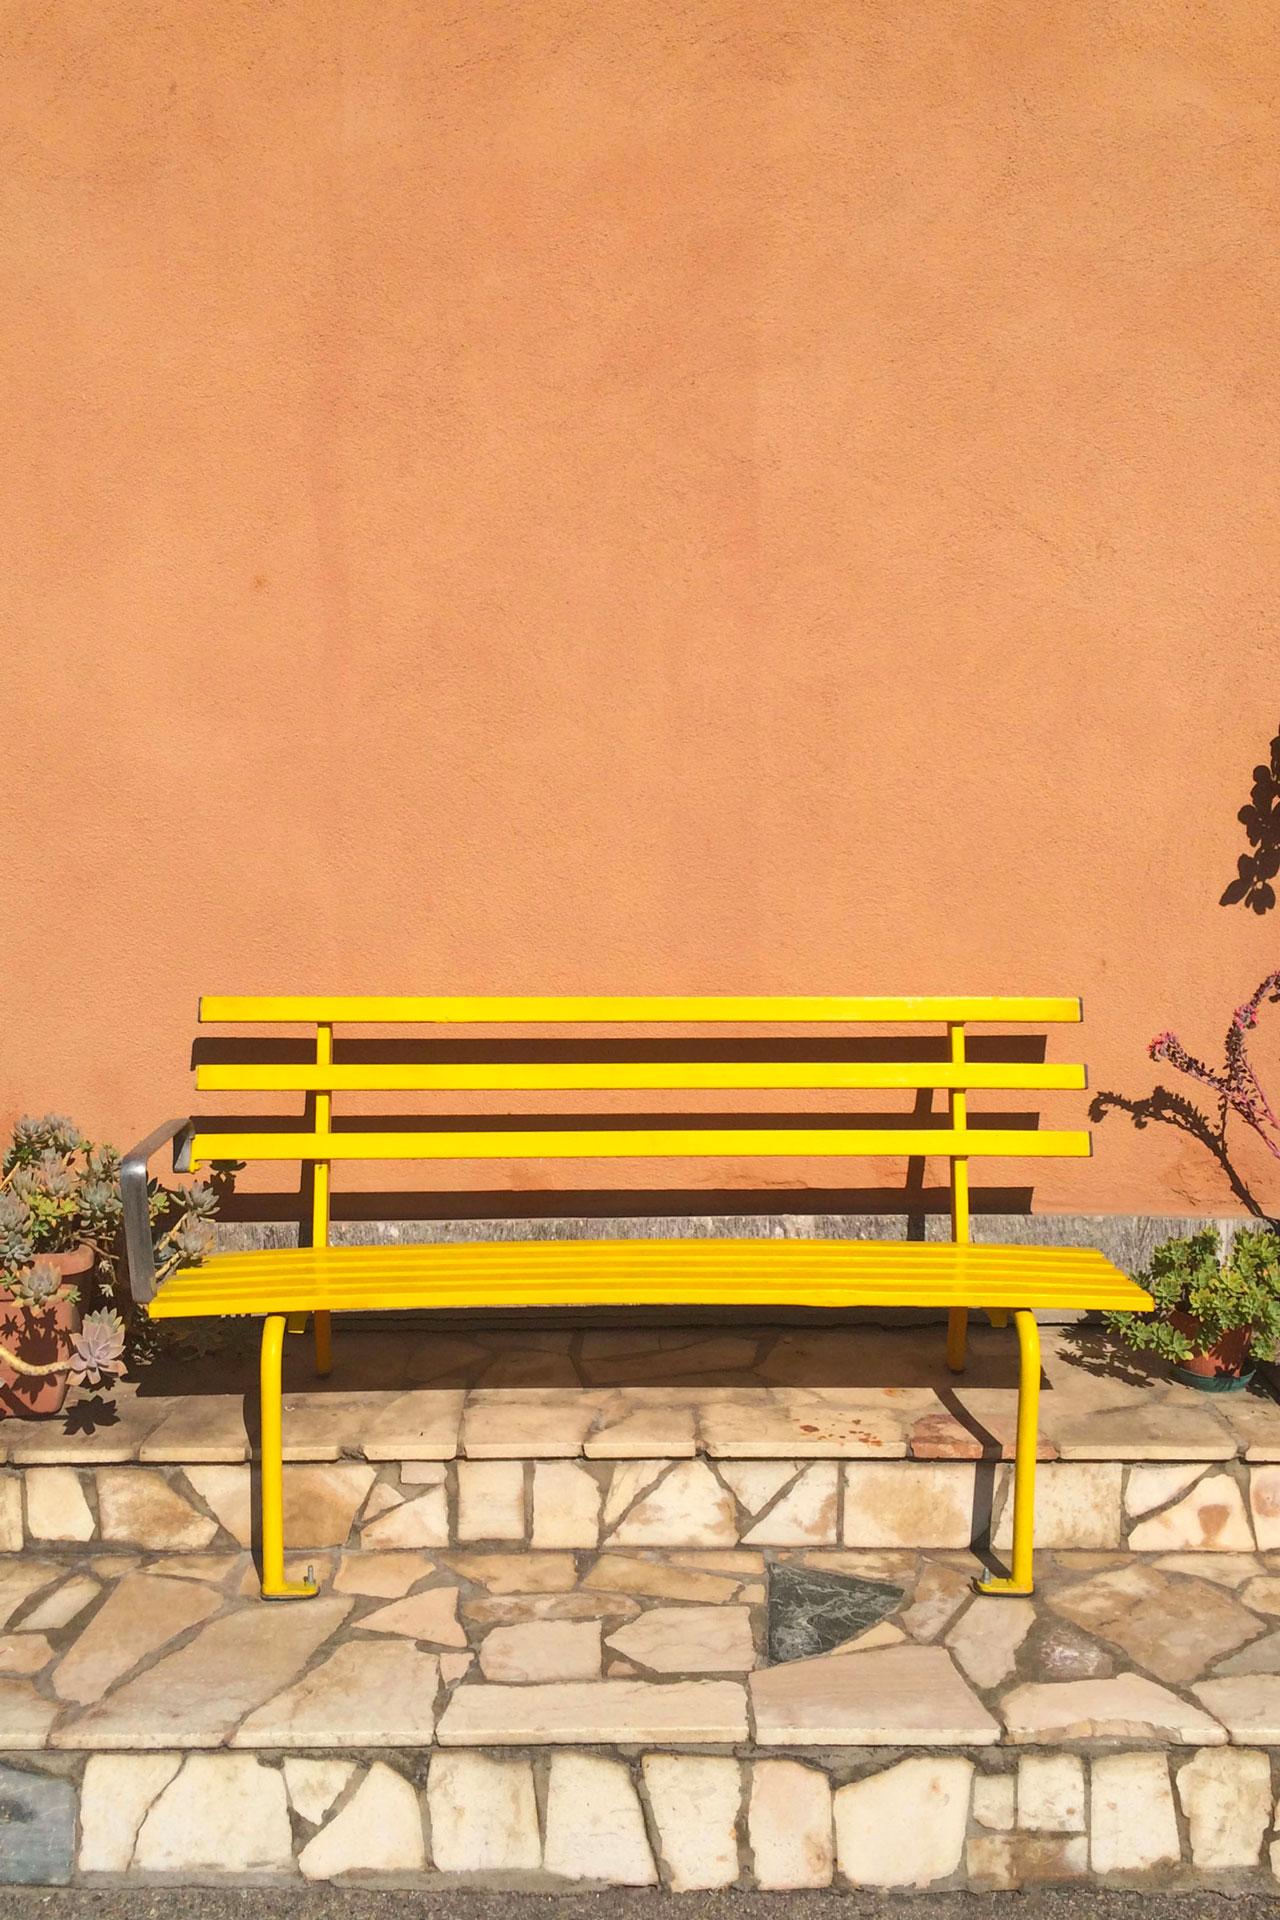 Anguillara Veneta_La panca gialla